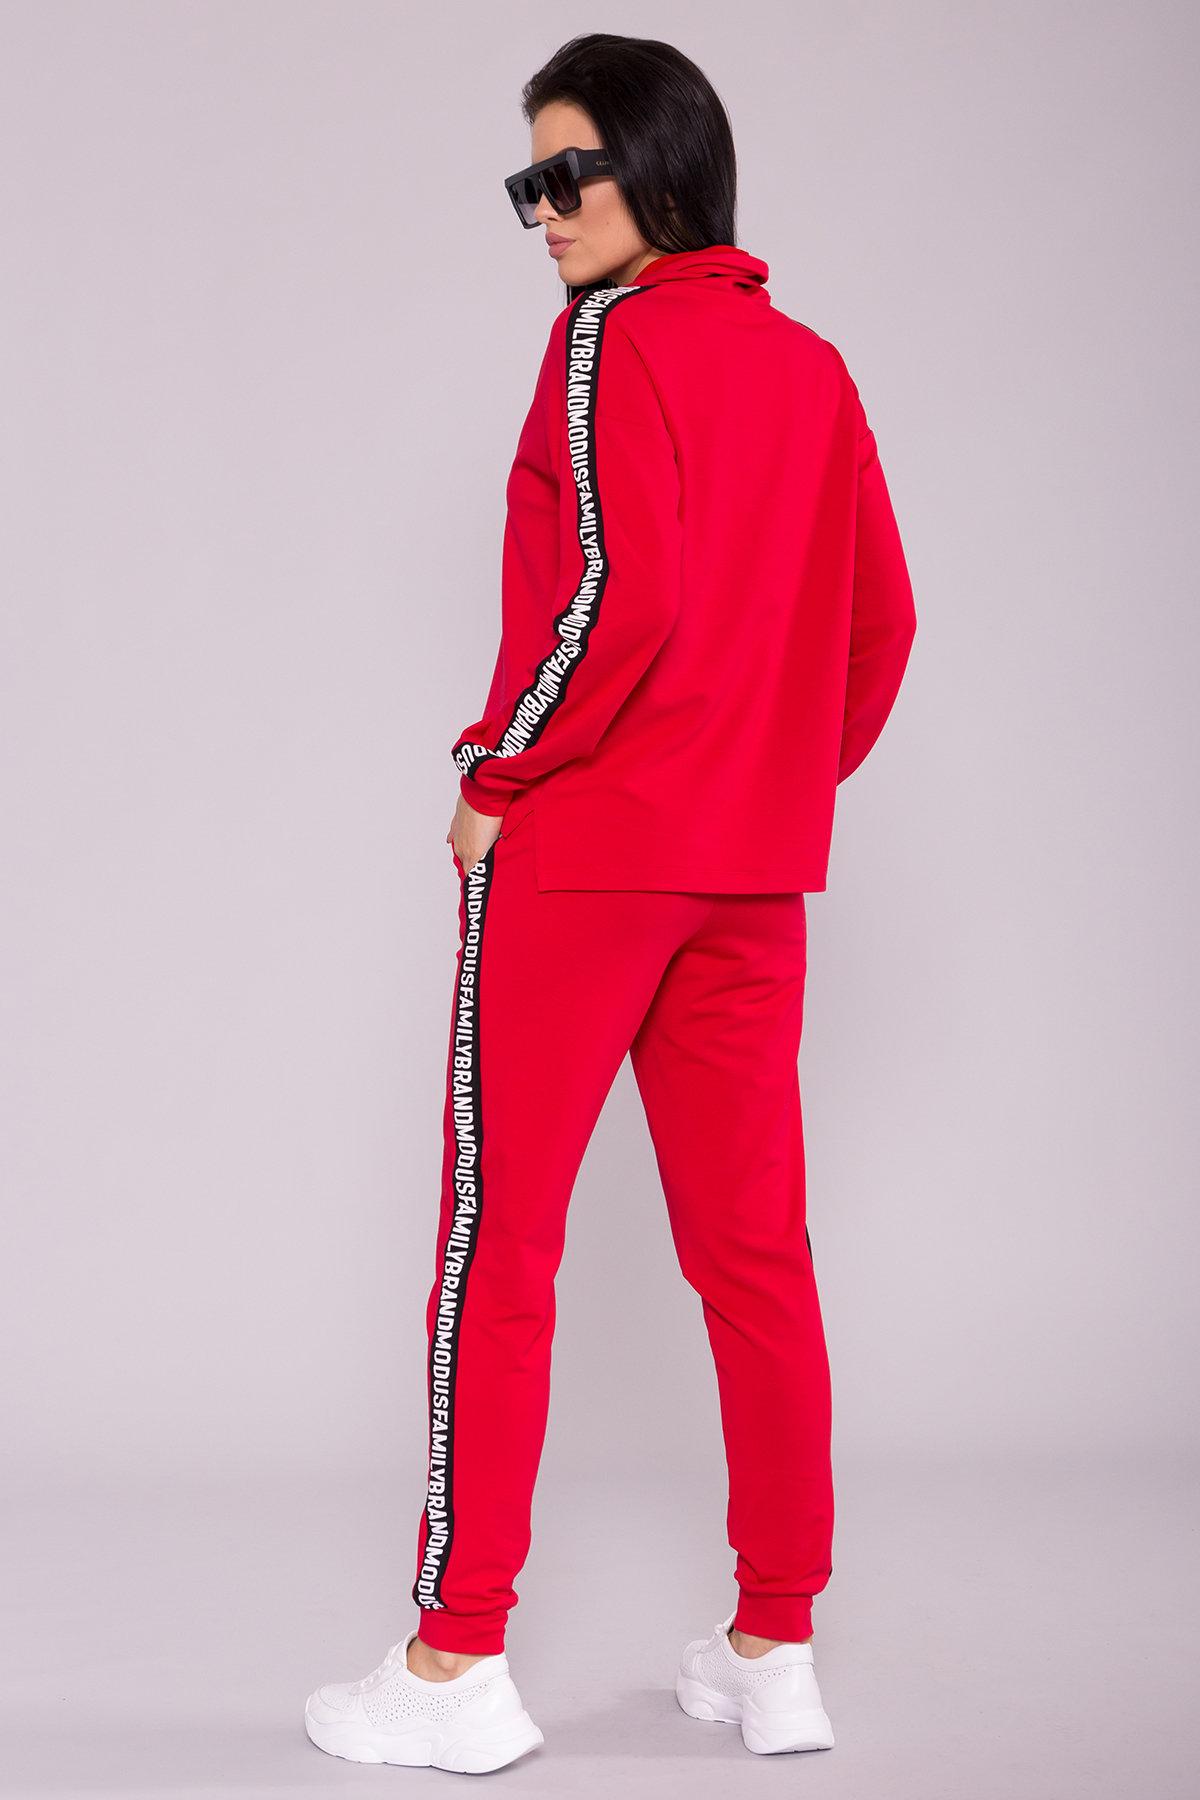 Костюм Лайн принт 6815 Цвет: Красный/черный